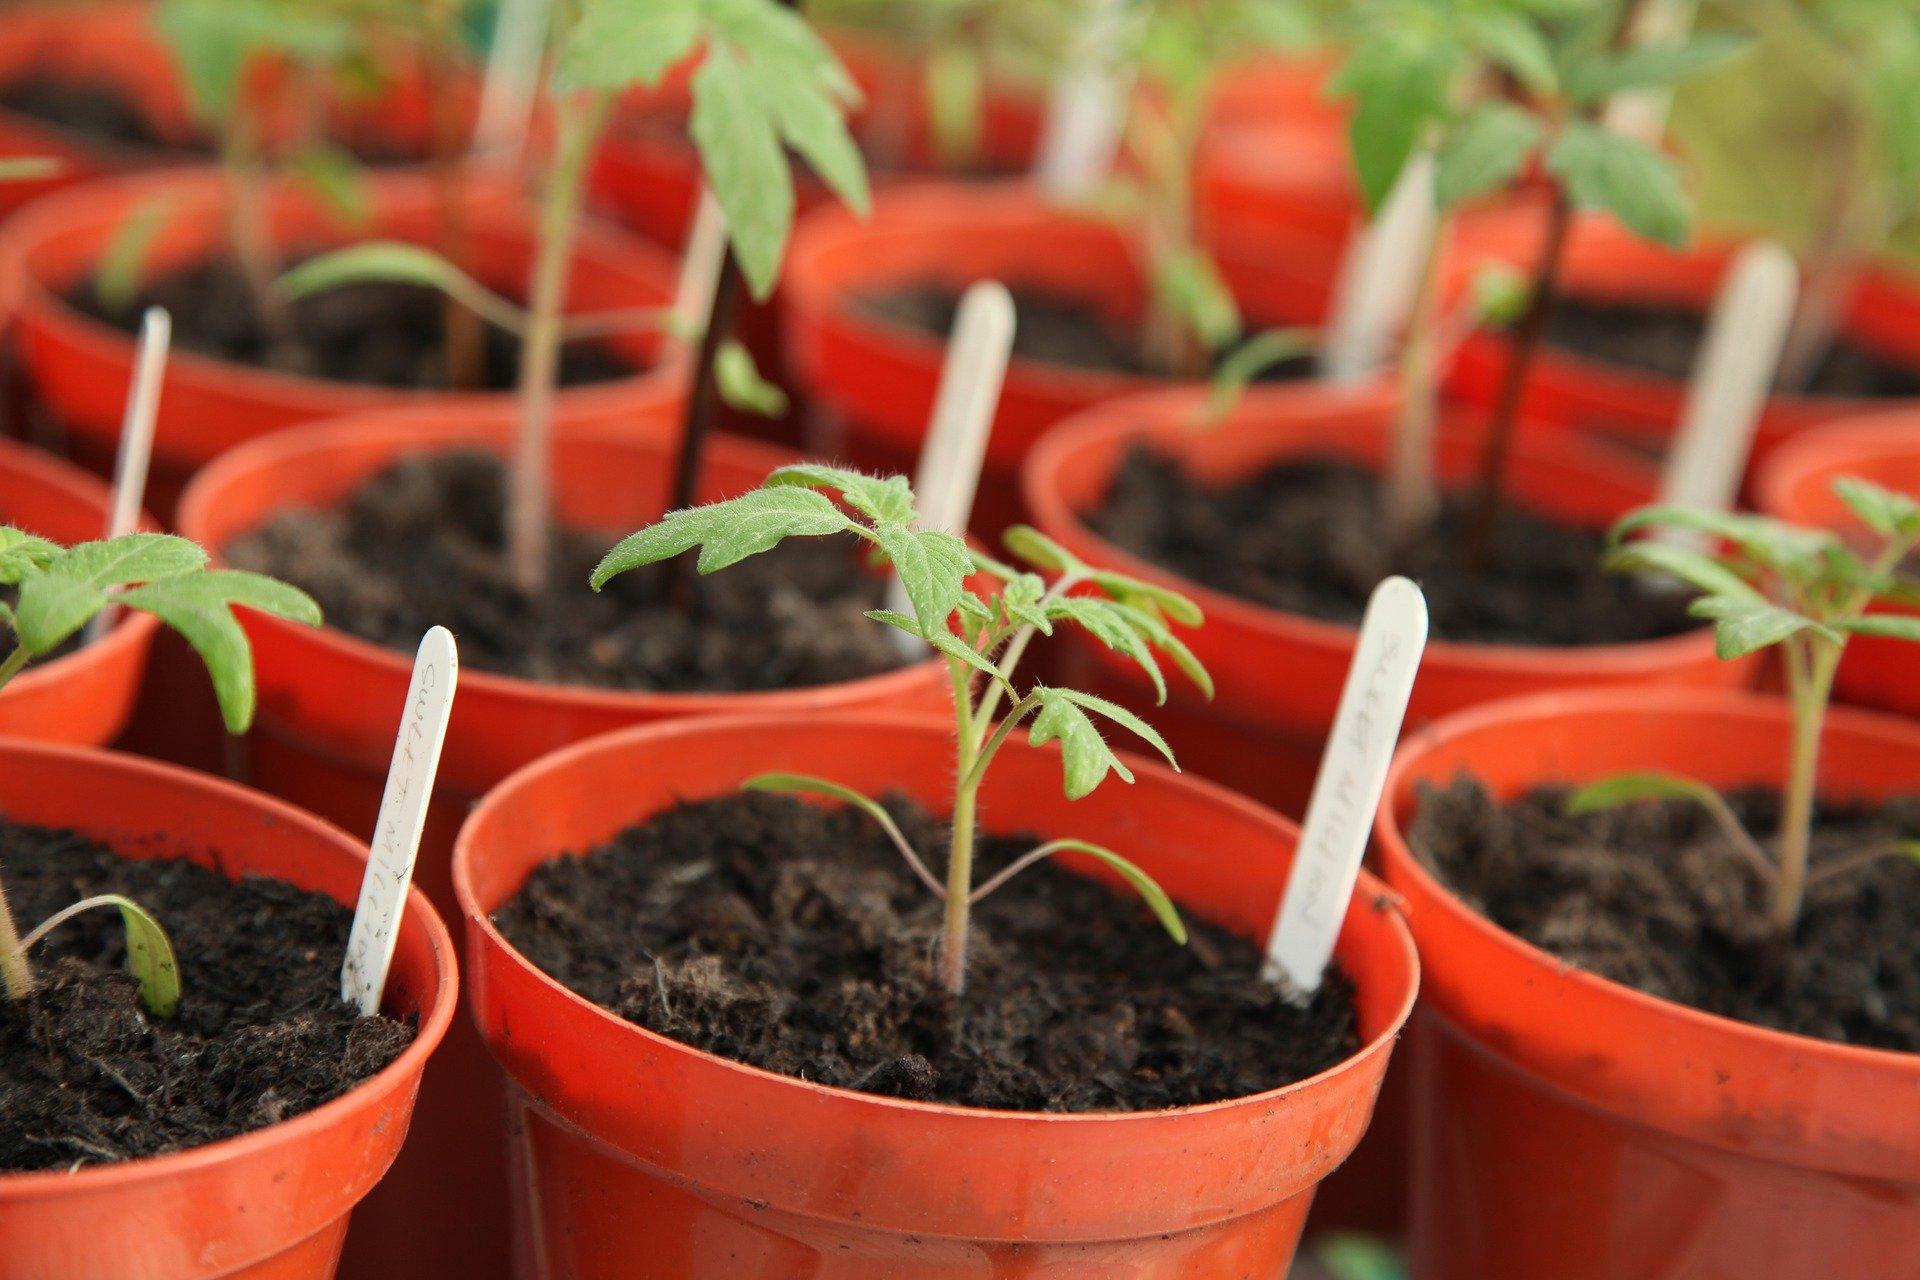 tomato seedlings in pots